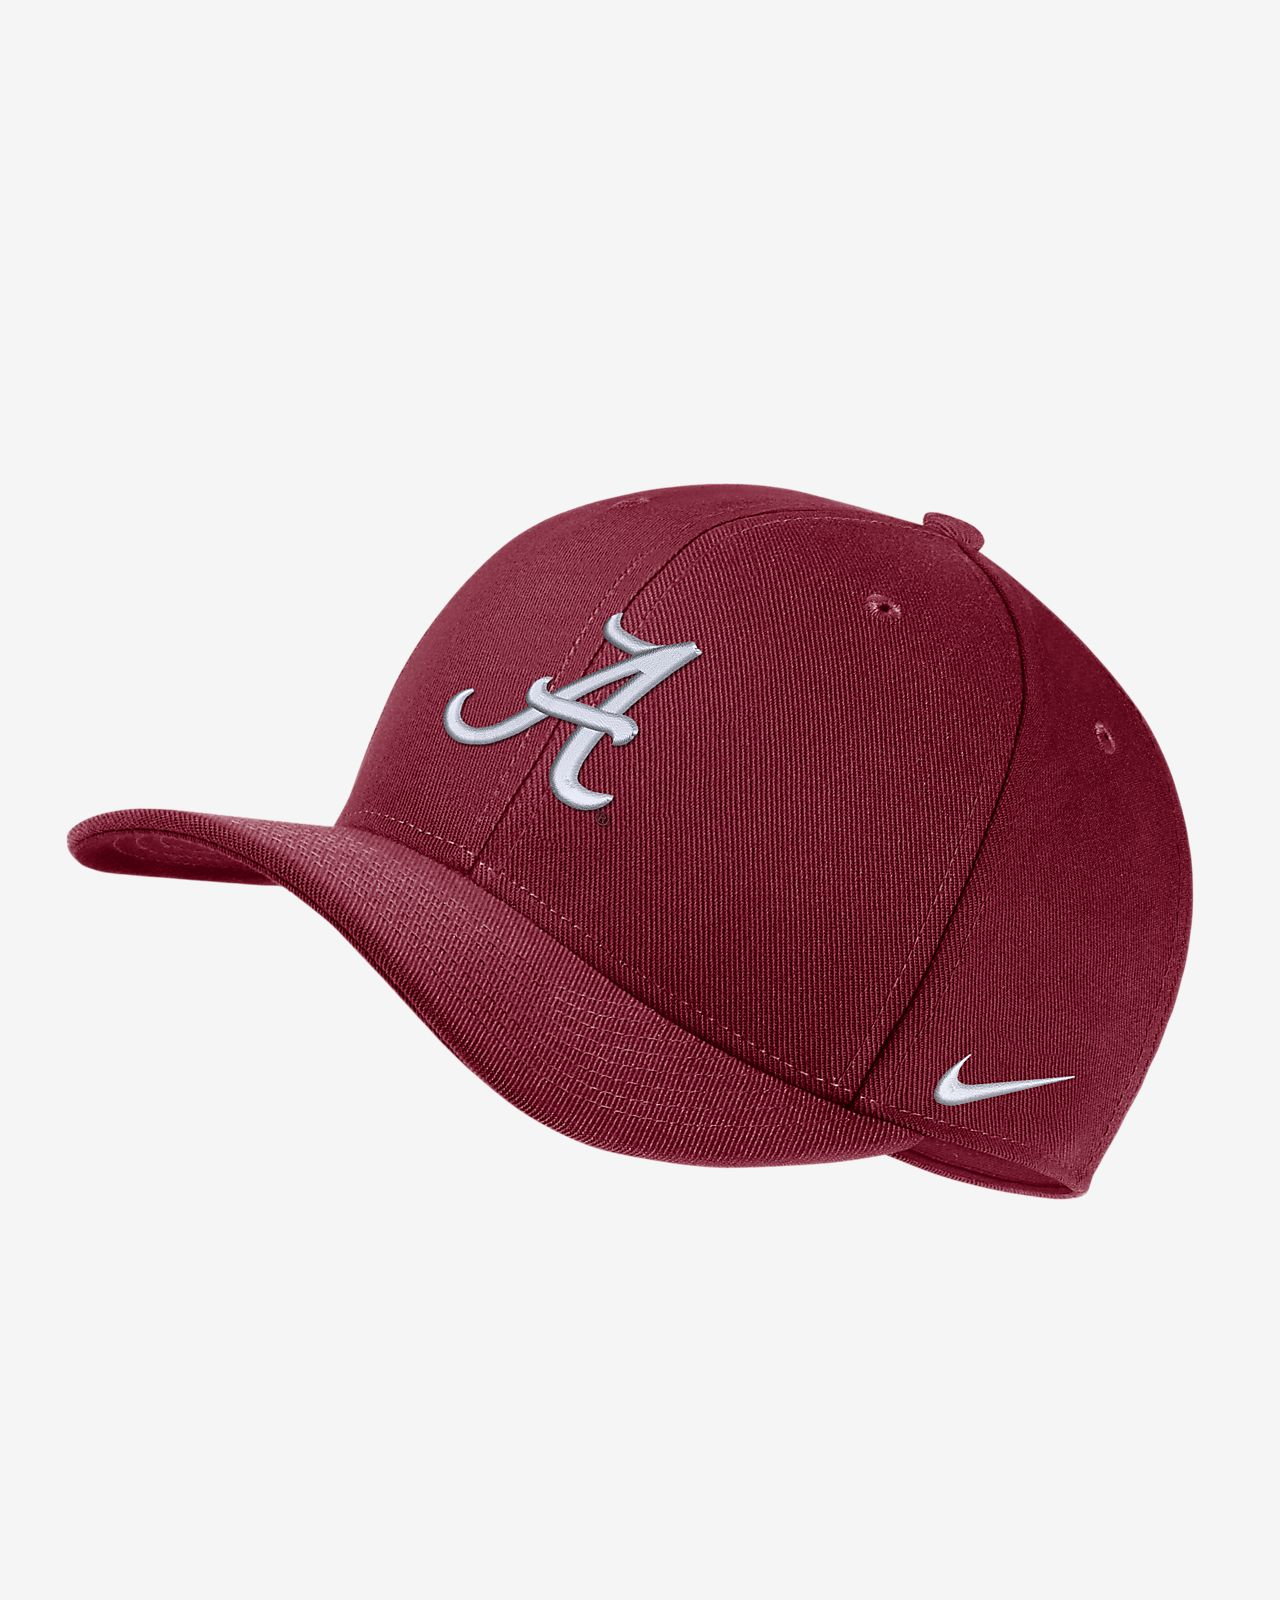 Nike College Dri-FIT Classic99 Swoosh Flex (Alabama) Fitted Hat ... ead6425b16a